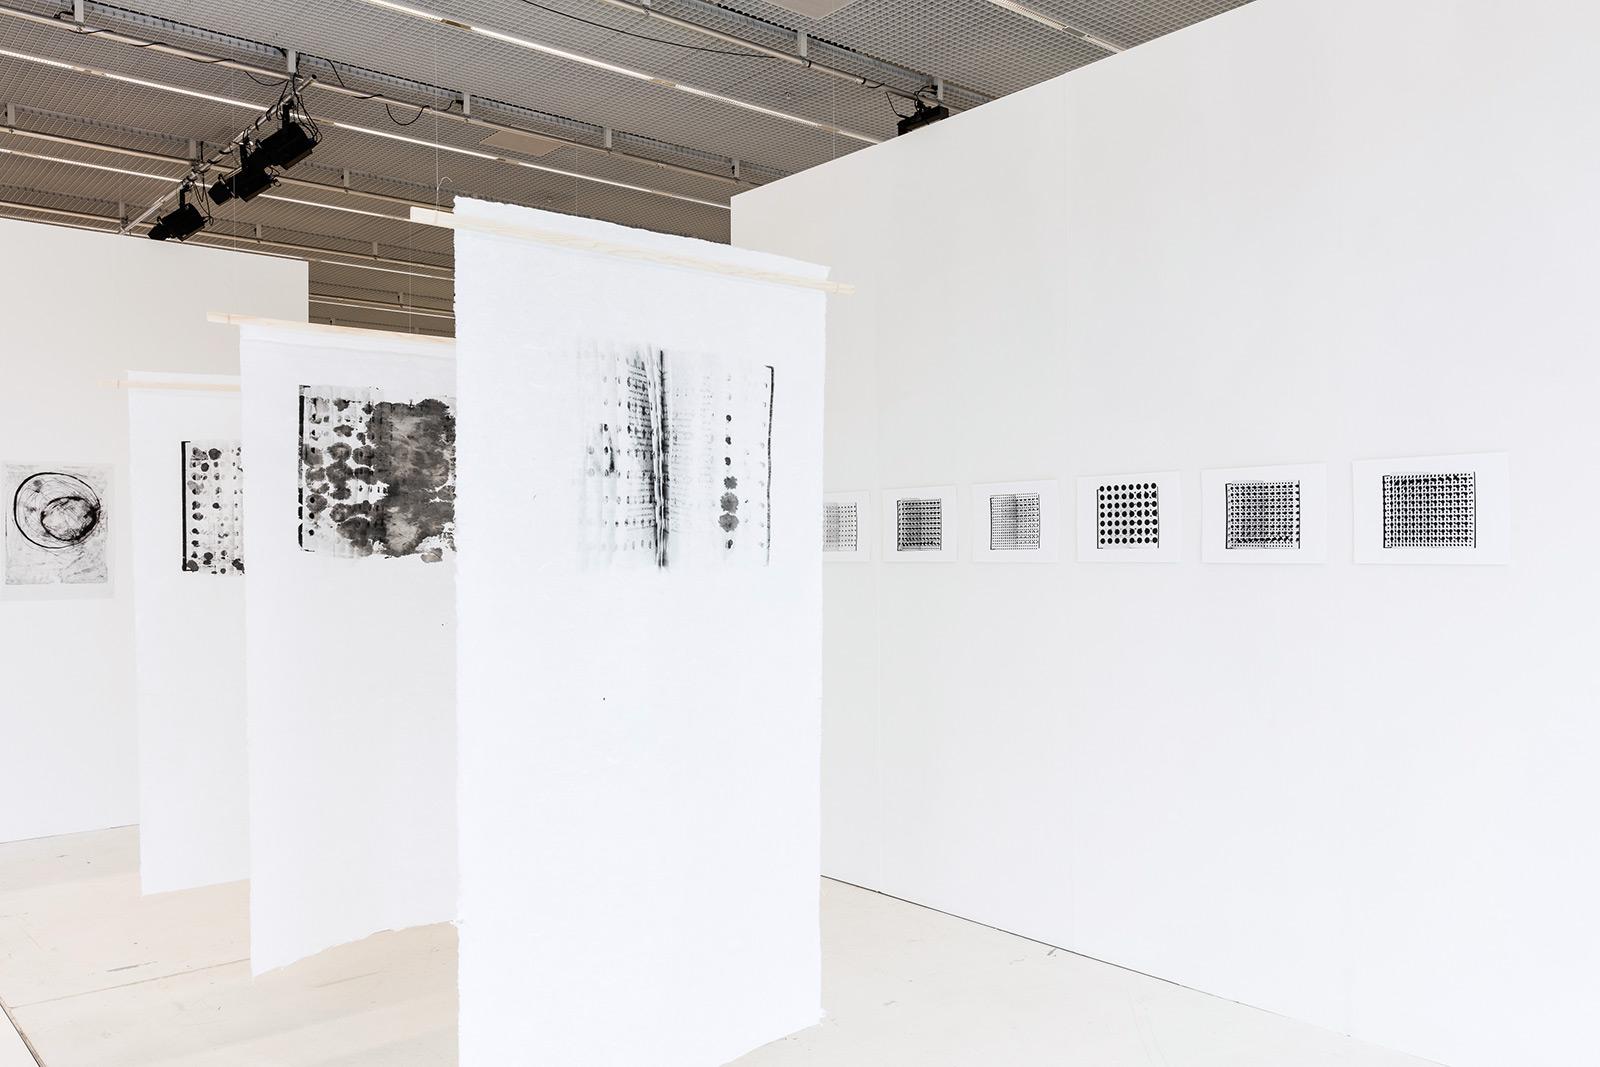 Rosemarie Fischer-Bernard «Manipulation» | LGK Lehrberufe für Gestaltung und Kunst, Diplom 2016